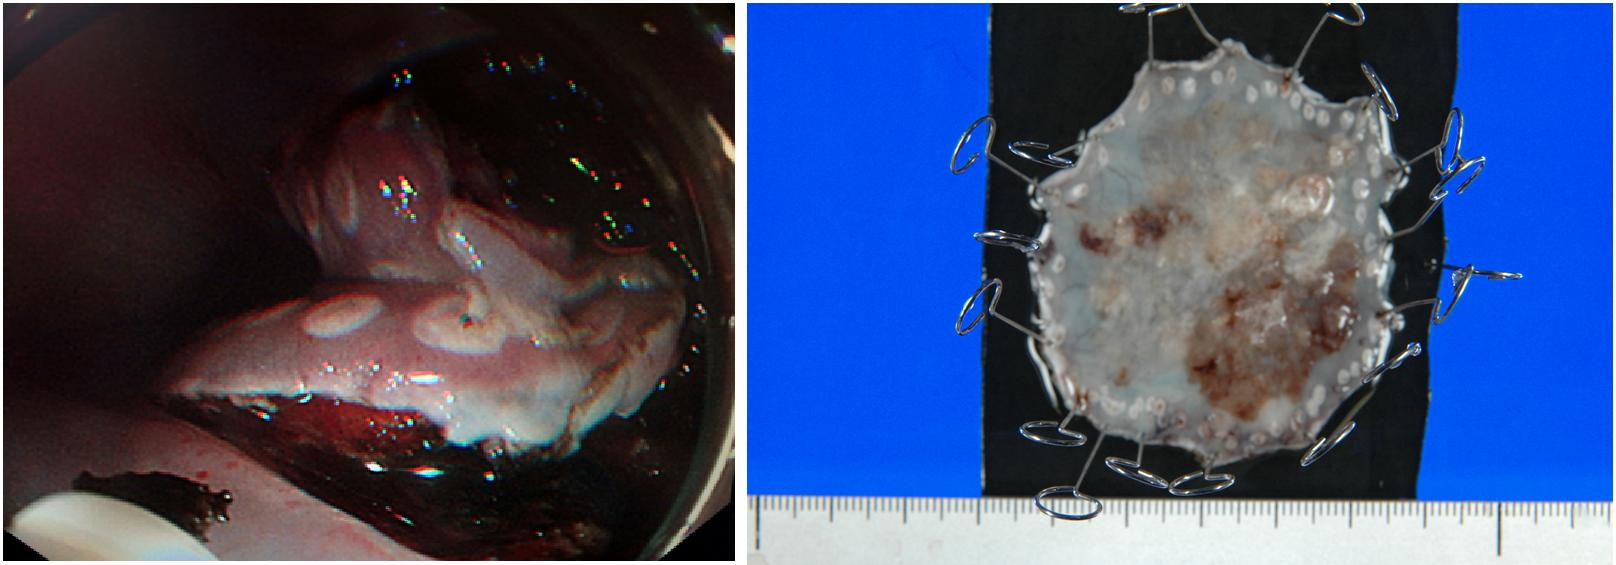 内視鏡下に癌を摘出(左図)、病理に摘出した組織を提出右図)